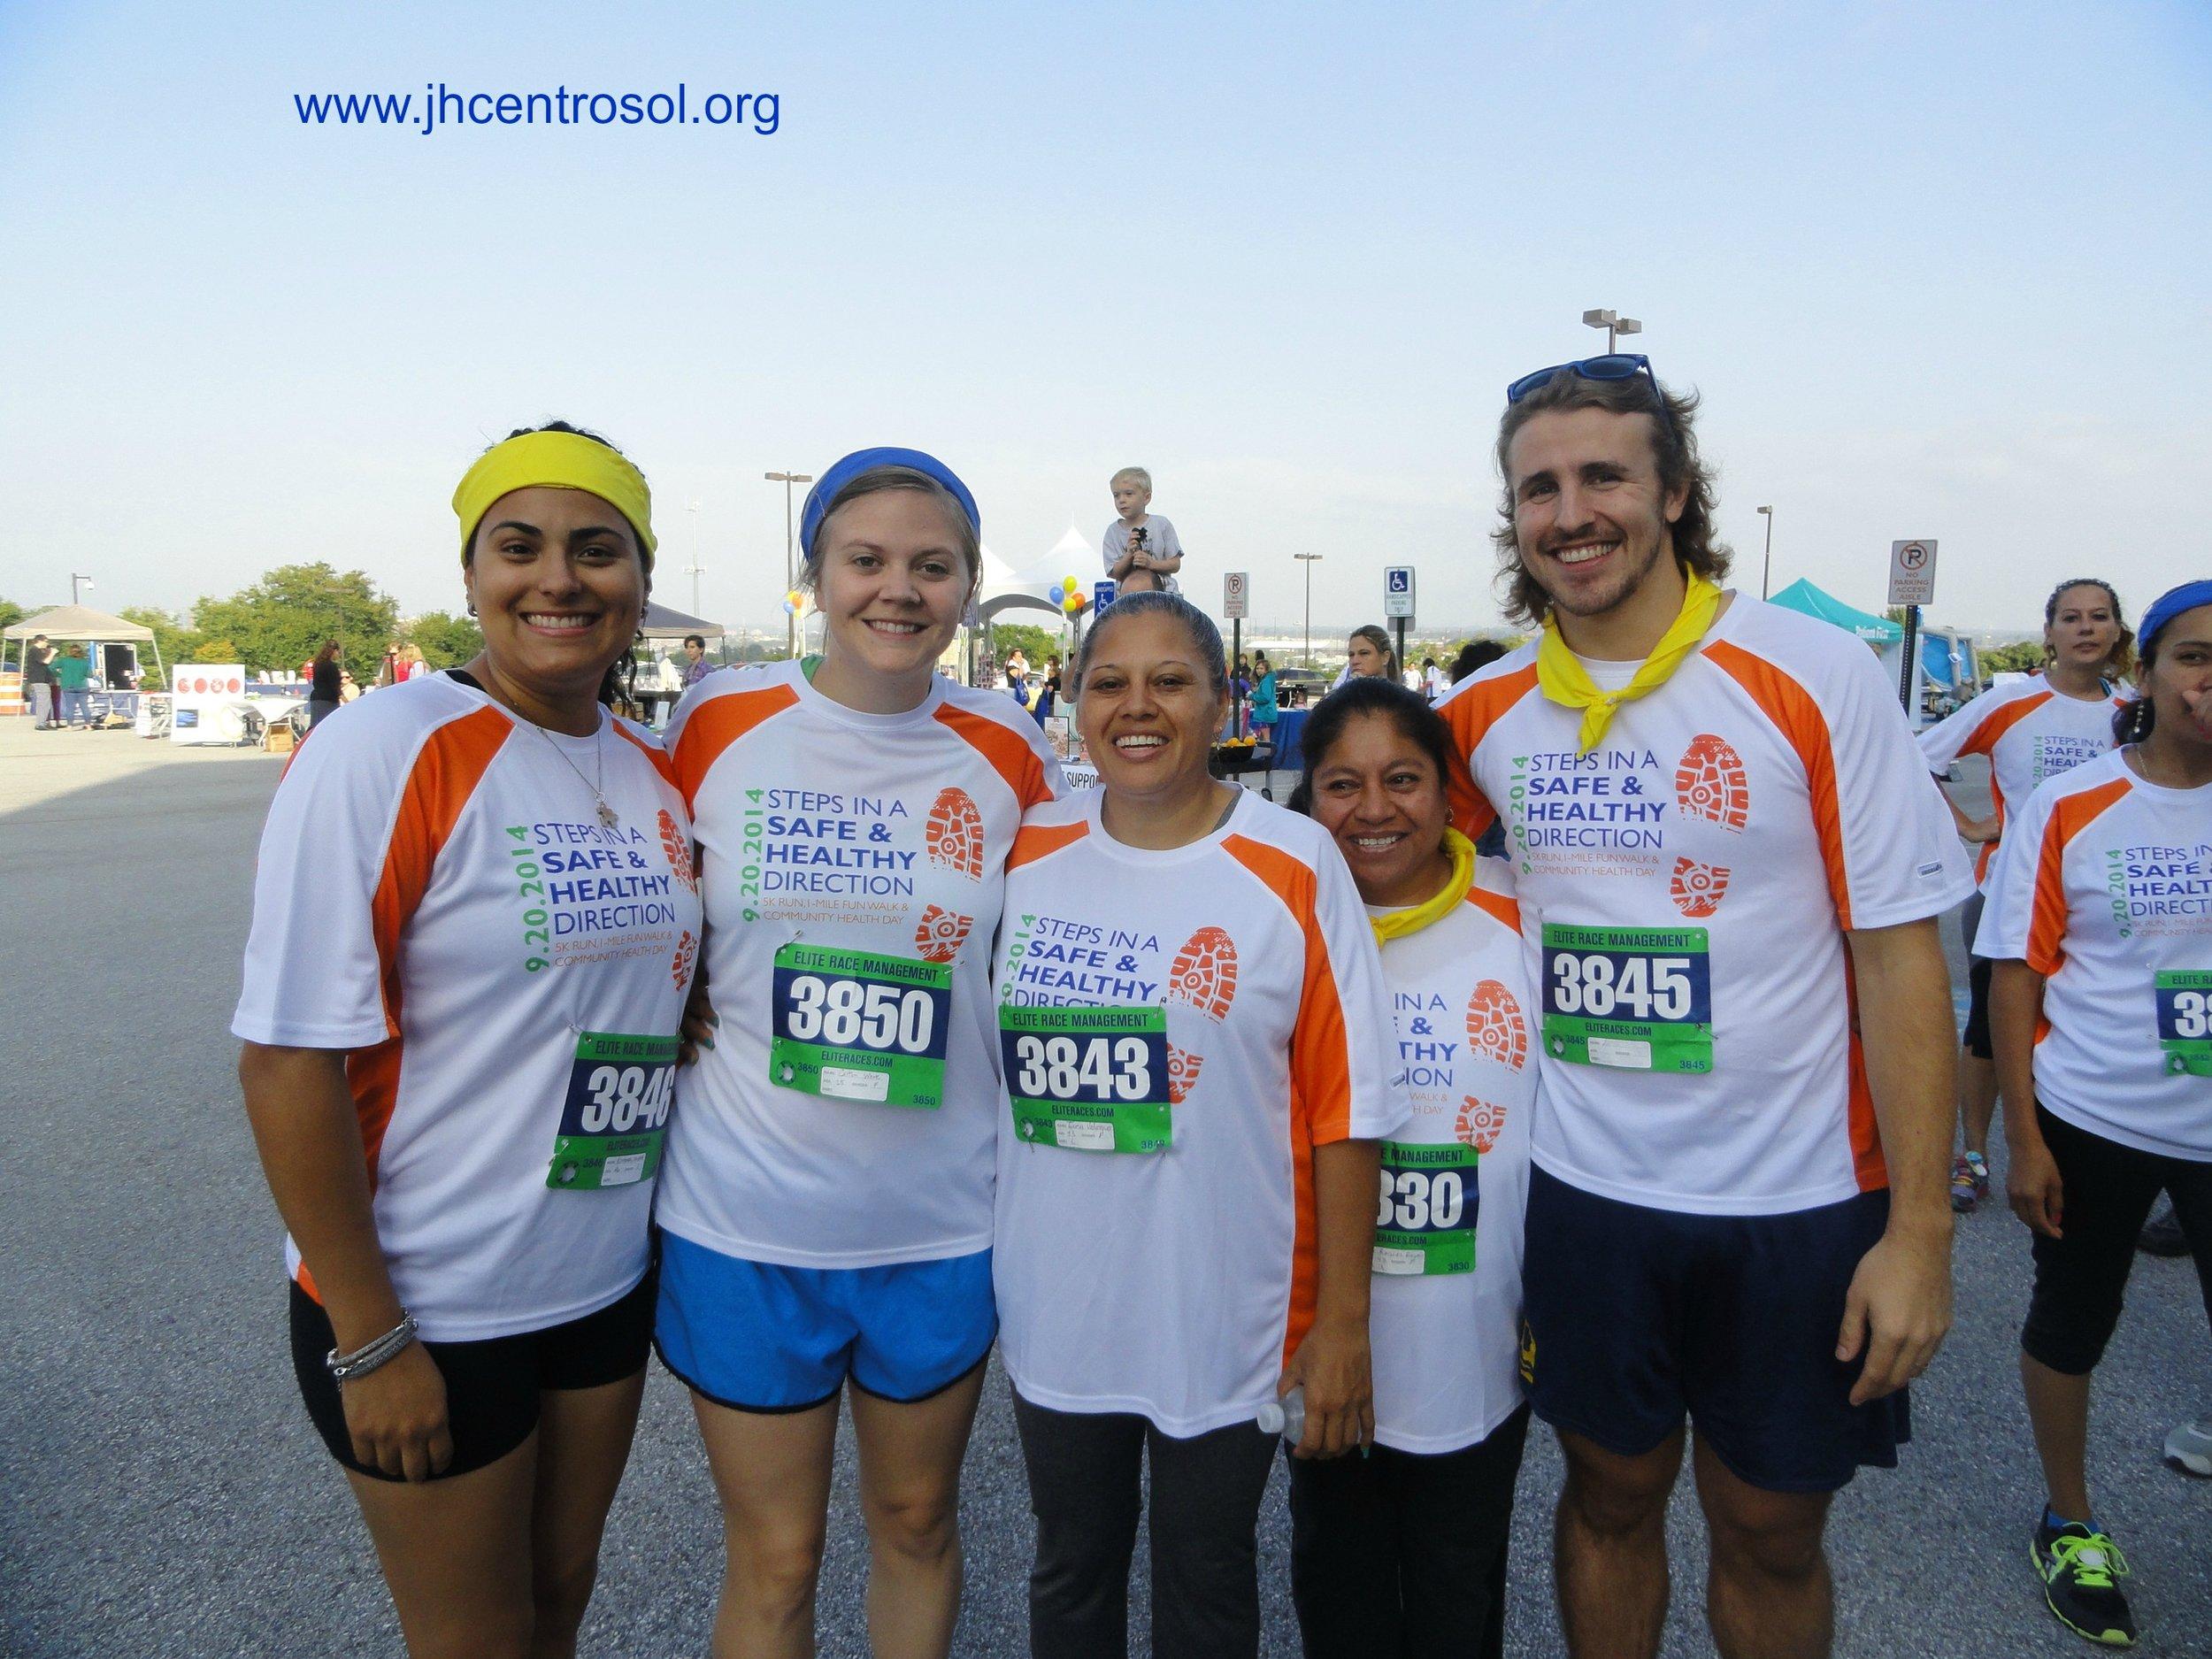 Embajadores-5k-race-5.jpg